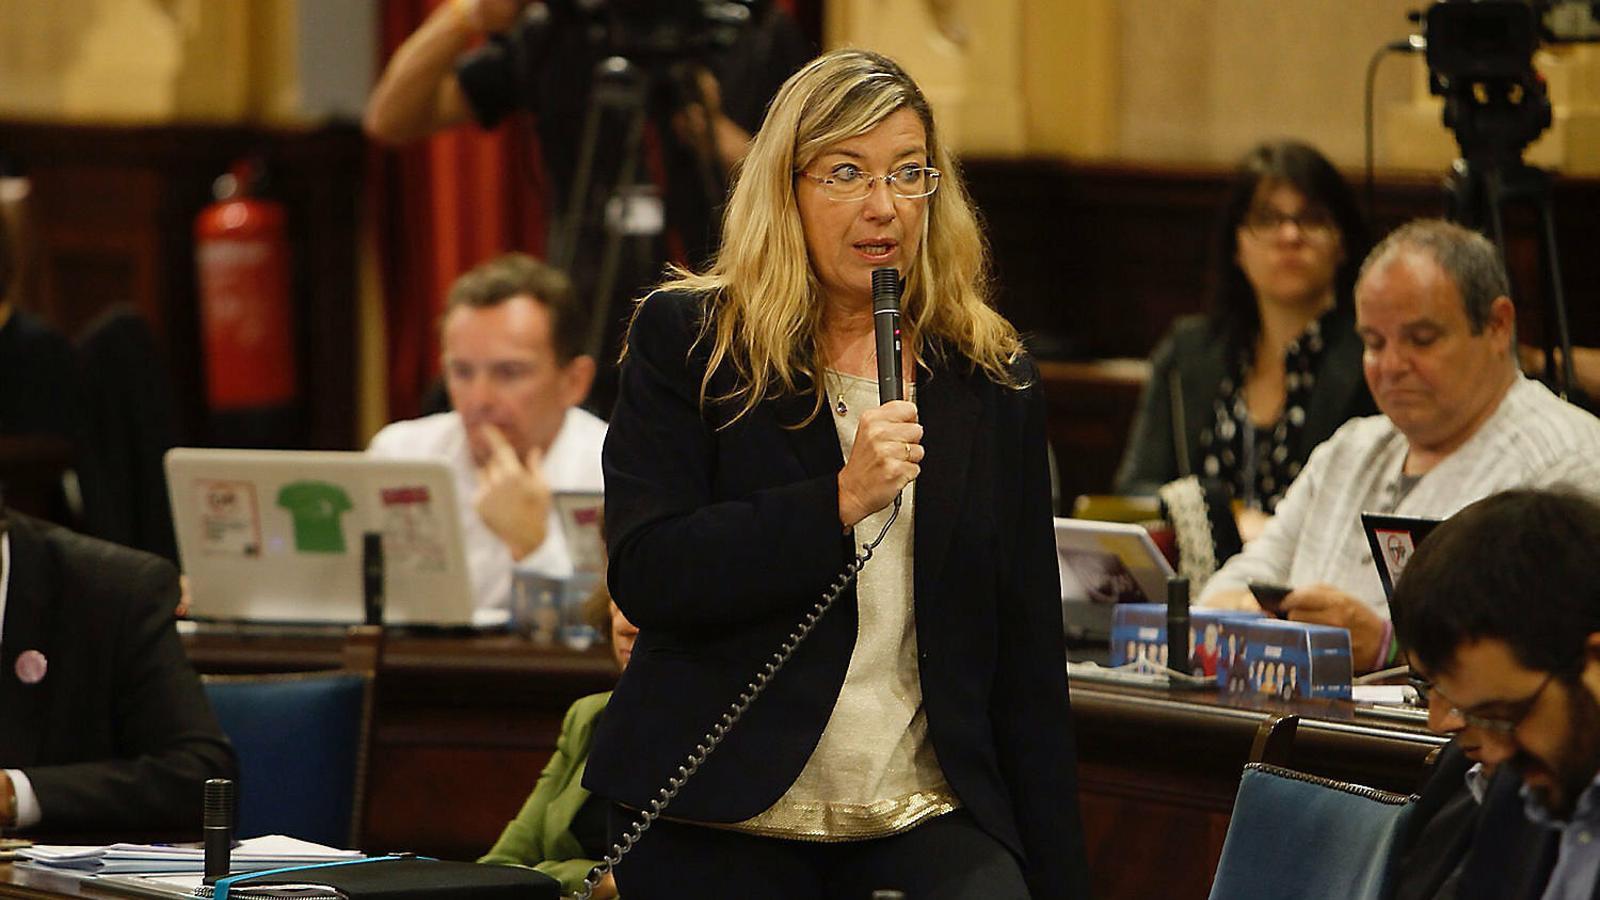 La Conselleria de Salut, amb Patrícia Gómez al capdavant, ha fet un informe favorable per continuar cedint un local públic a l'Acadèmi de sa Llengo Baléà.